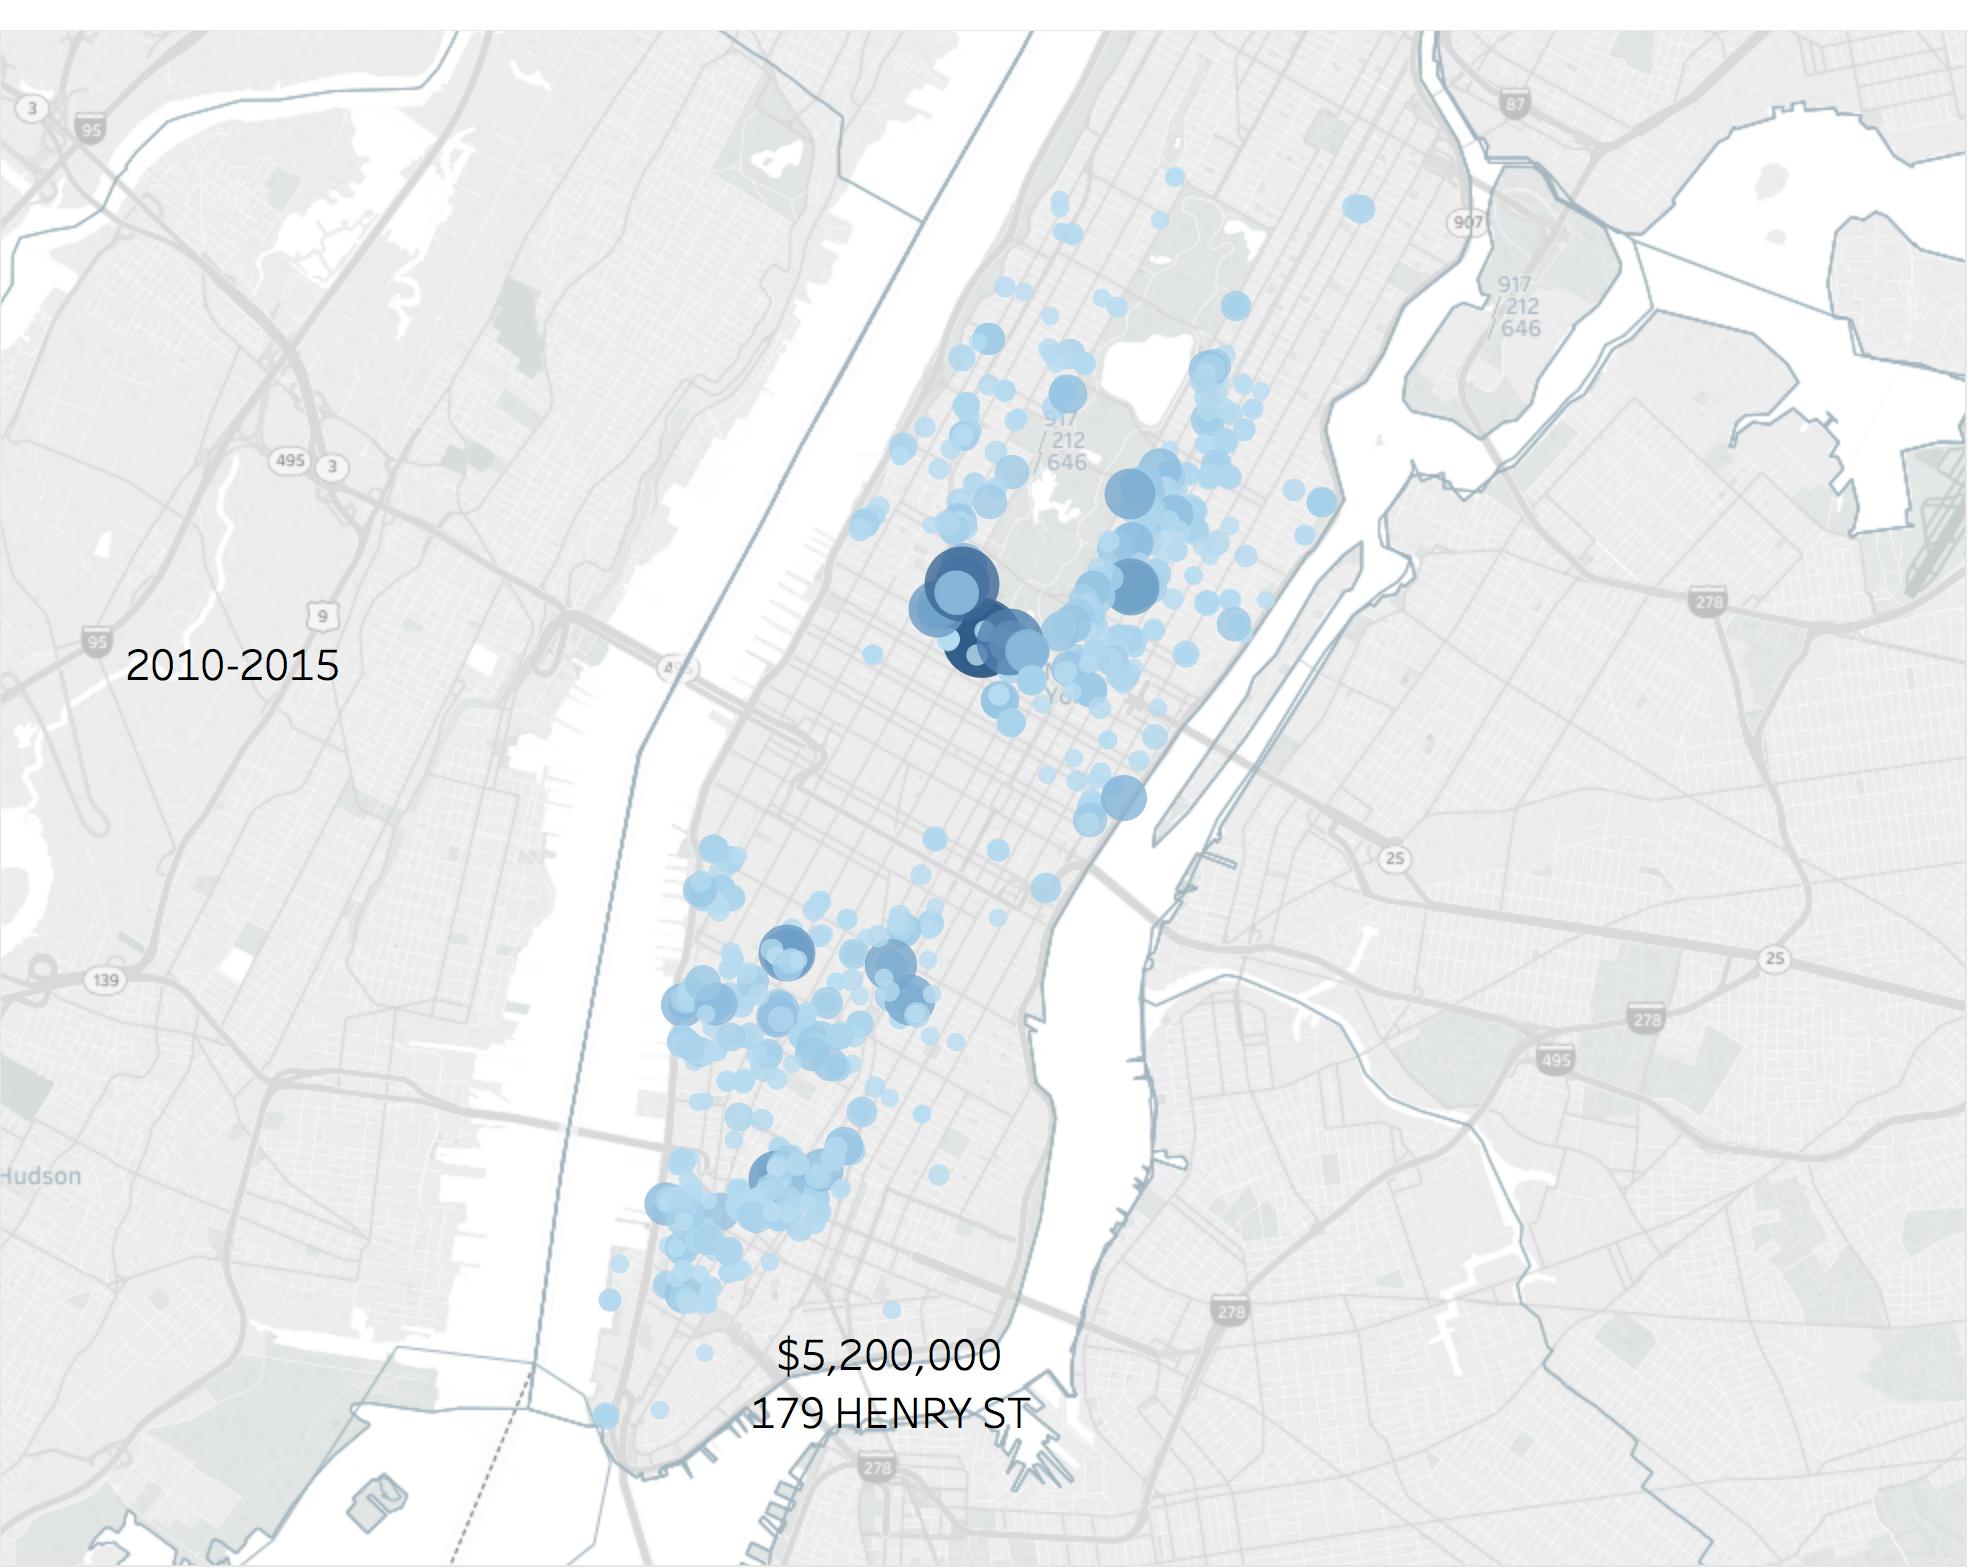 曼哈顿地区超过500万美元的豪宅分布